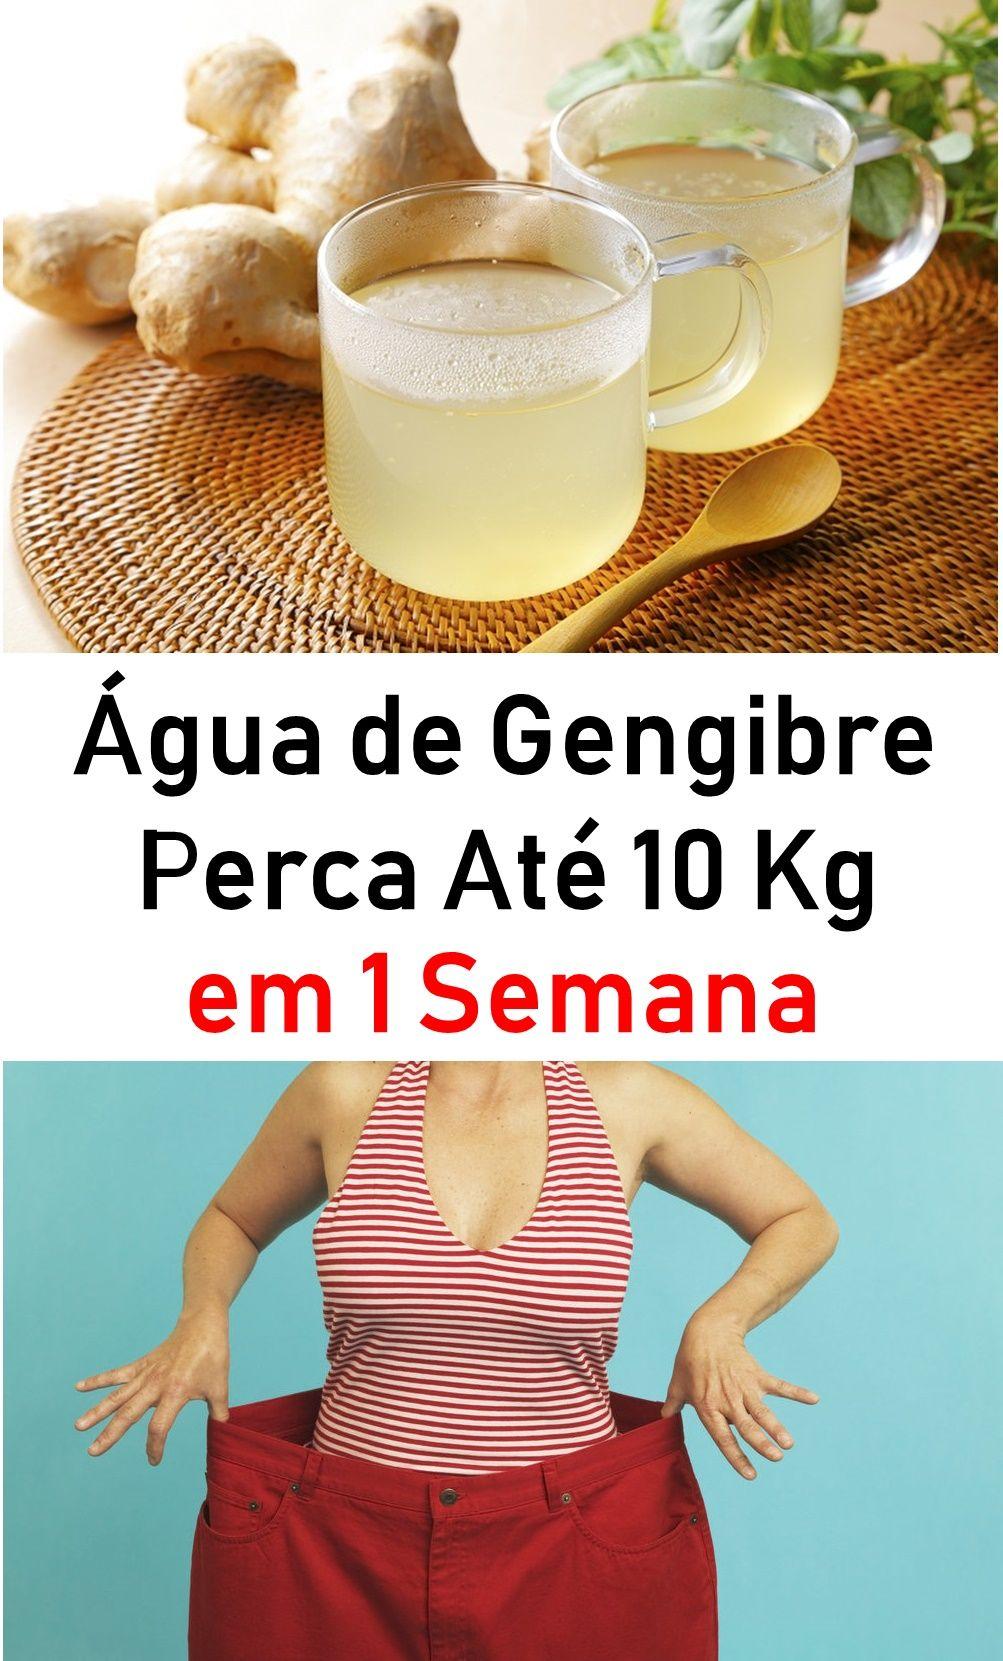 Agua De Gengibre Perca Ate 10 Kg Em 1 Semana Agua De Gengibre